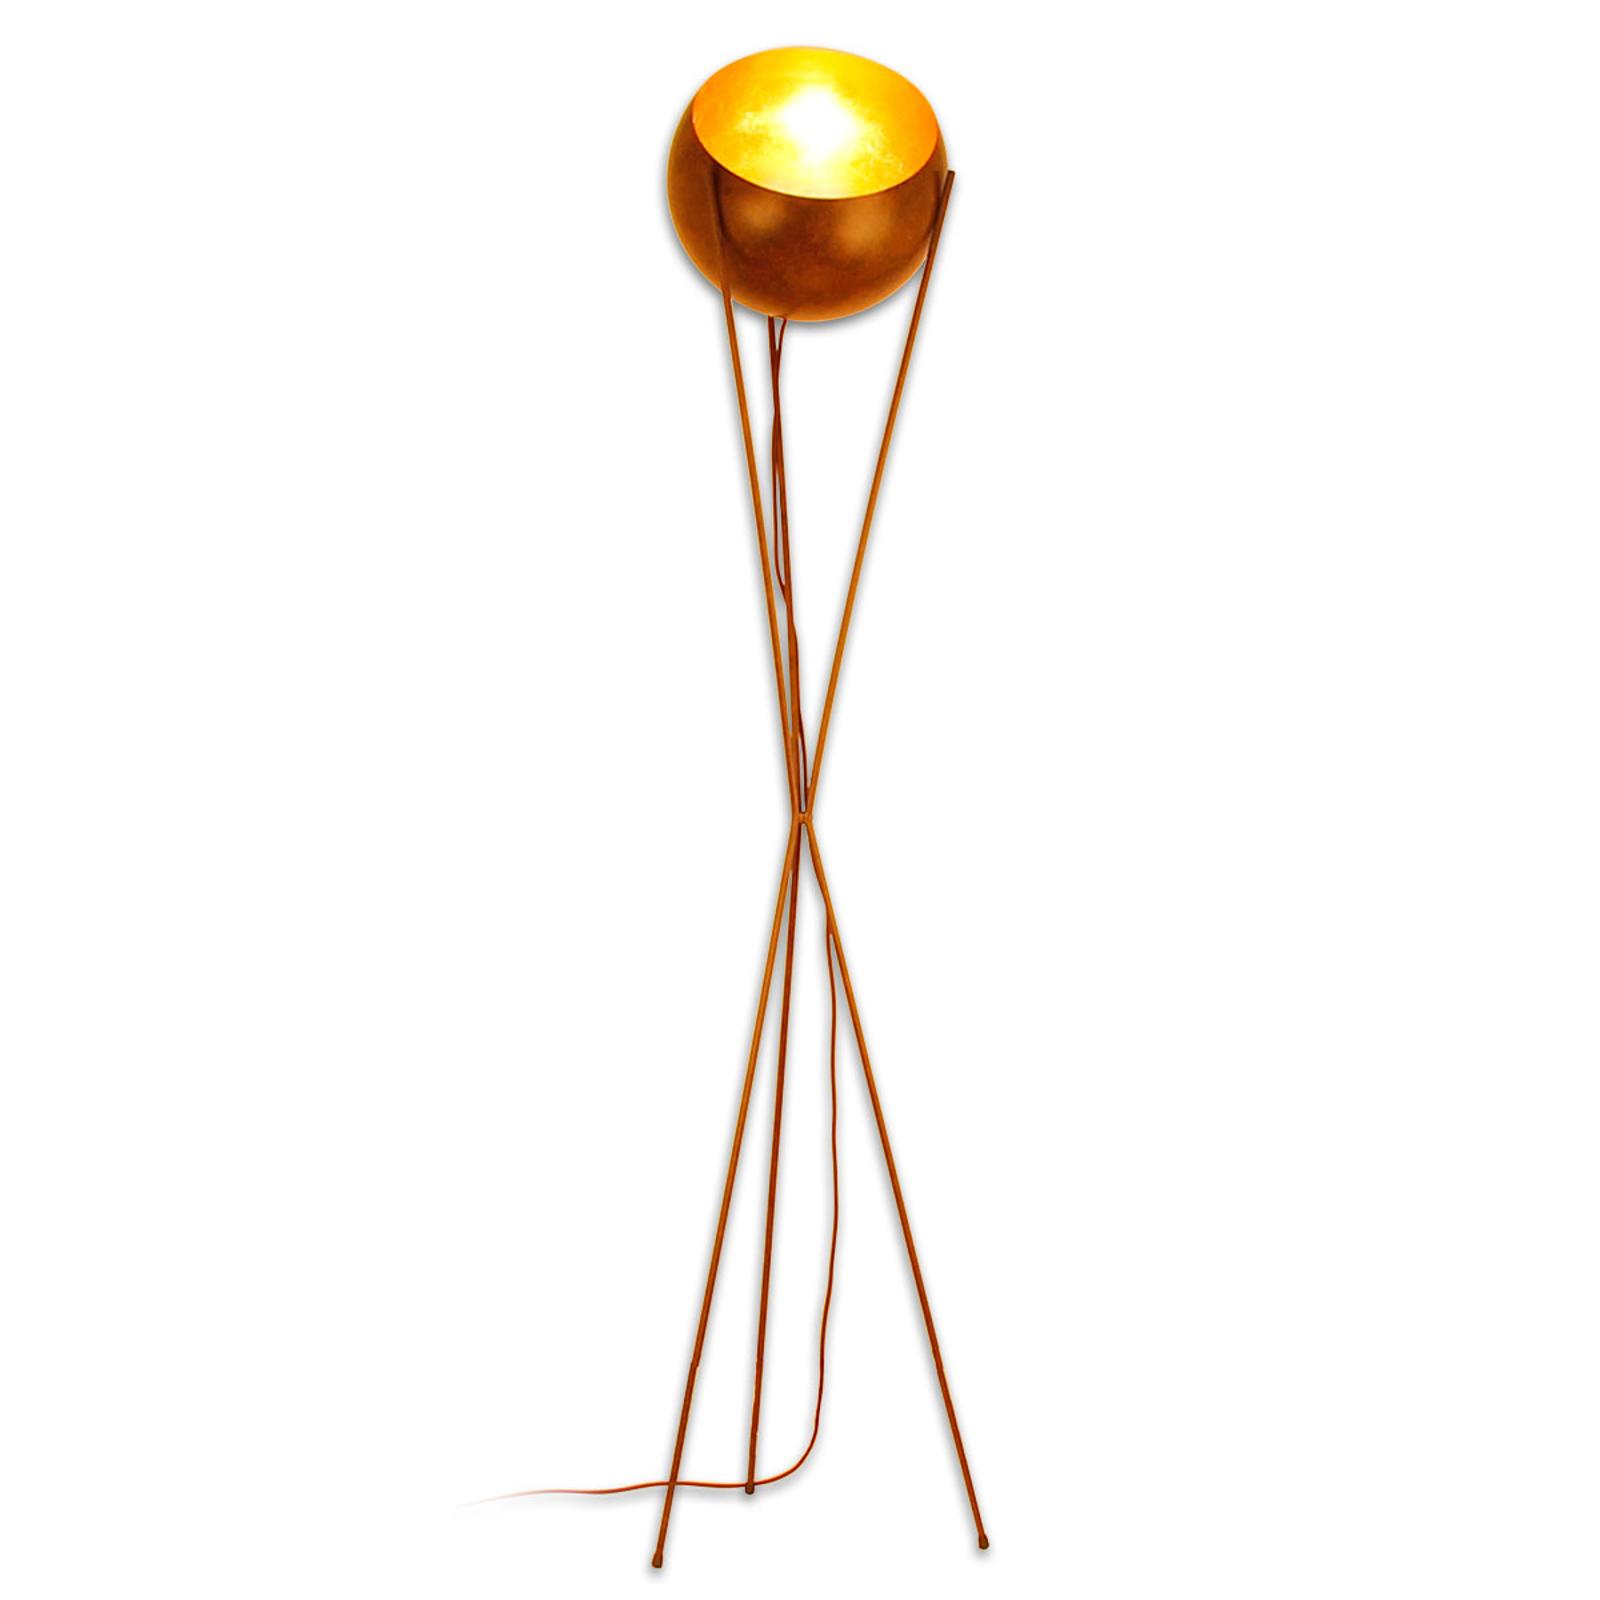 Lampa stojąca Solo o niezwykłym designie